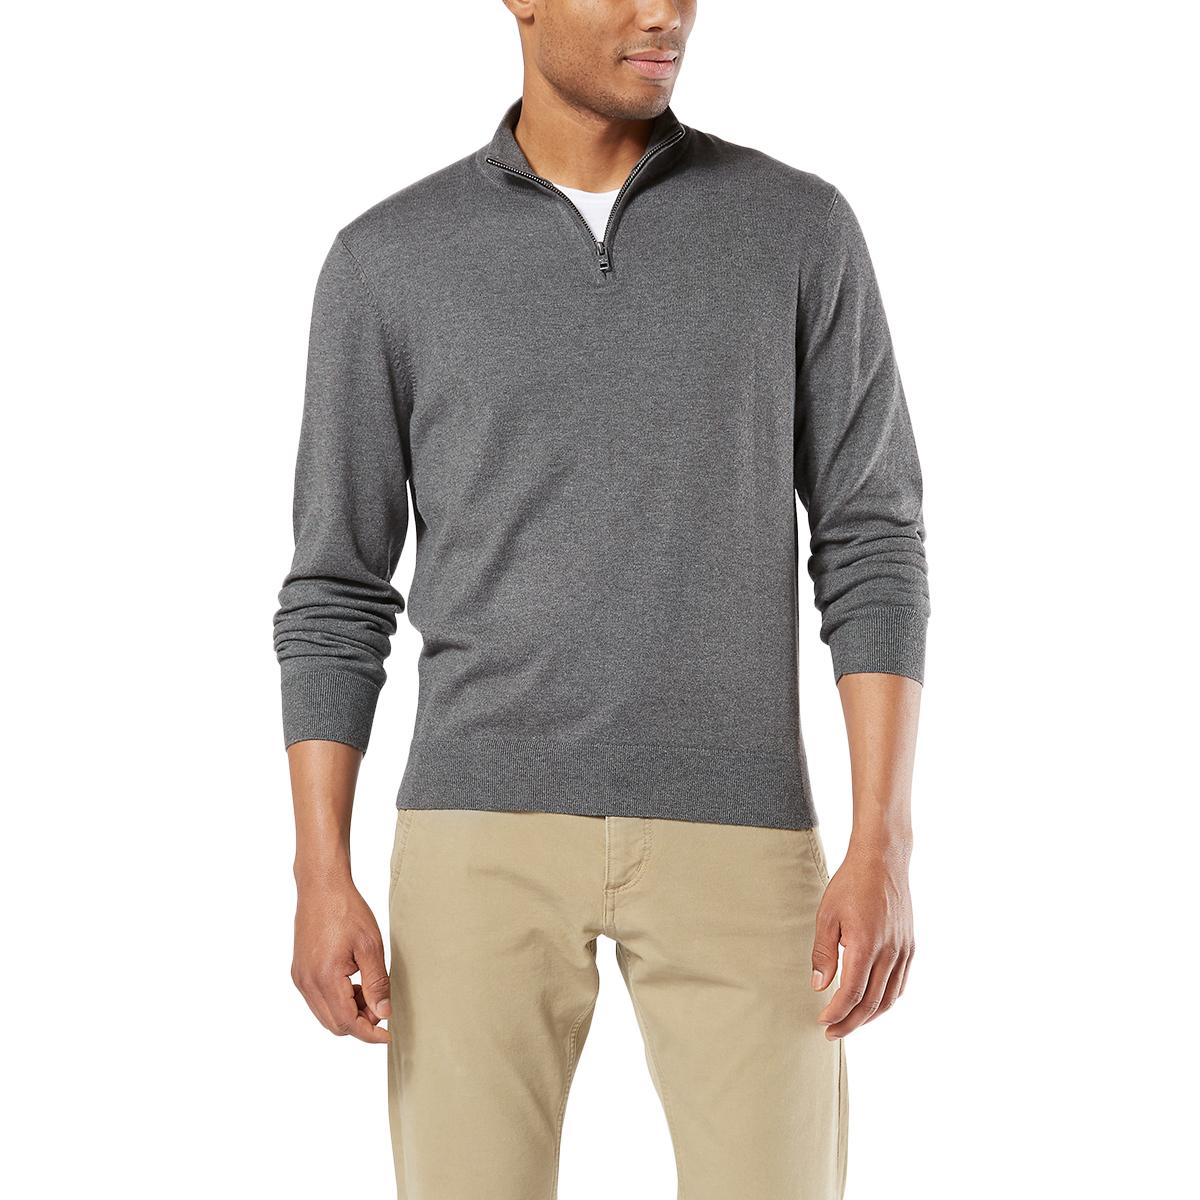 Dockers Men's 1/4-Zip Sweater - Black, M